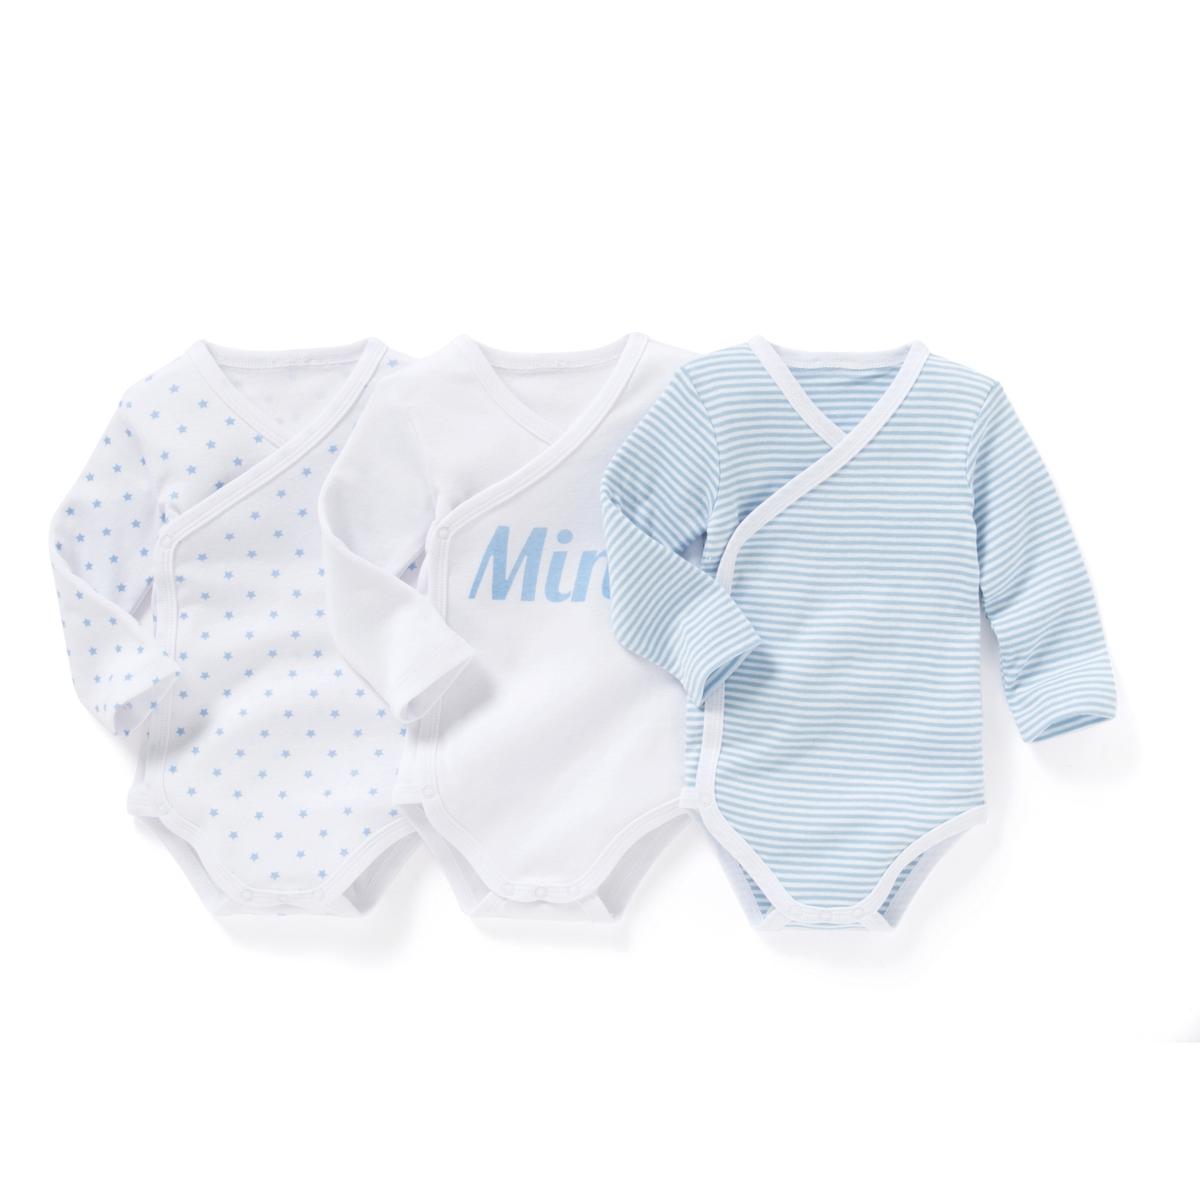 Комплект из хлопковых боди для малышейДетали  •  Рисунок-принт  •  Для новорожденных •  Длинные рукава •  ХлопокСостав и уход  •  100% хлопок •  Температура стирки 40° •  Сухая чистка и отбеливание запрещены   •  Машинная сушка на деликатном режиме •  Низкая температура глажки<br><br>Цвет: Белый + синяя полоска + синий рисунок<br>Размер: 18 мес. - 81 см.1 мес. - 54 см.1 год - 74 см.3 года - 94 см.2 года - 86 см.3 мес. - 60 см.9 мес. - 71 см